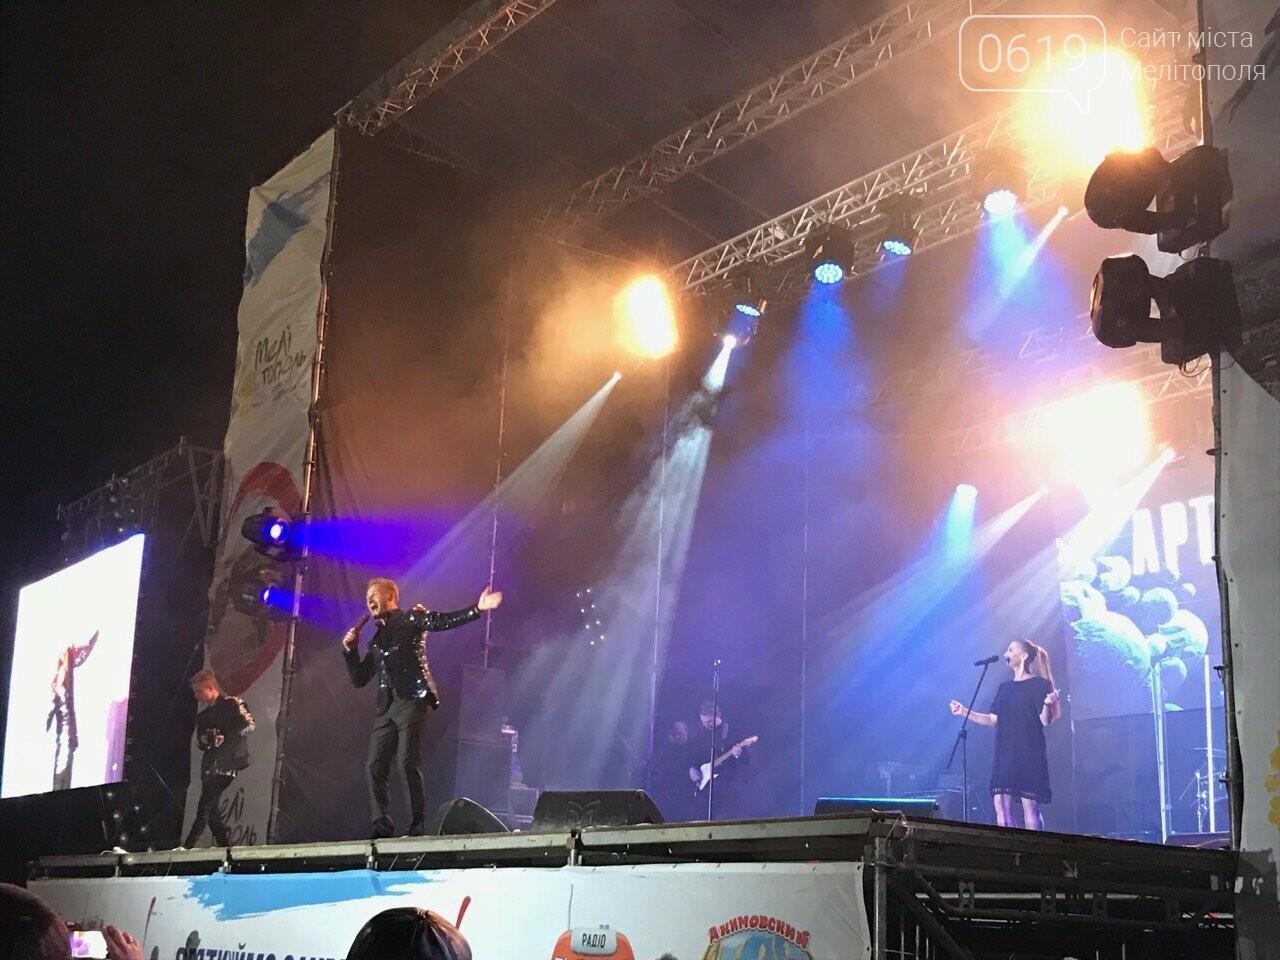 В Мелитополе День города отметили концертом и ярким фейерверком, фото-7